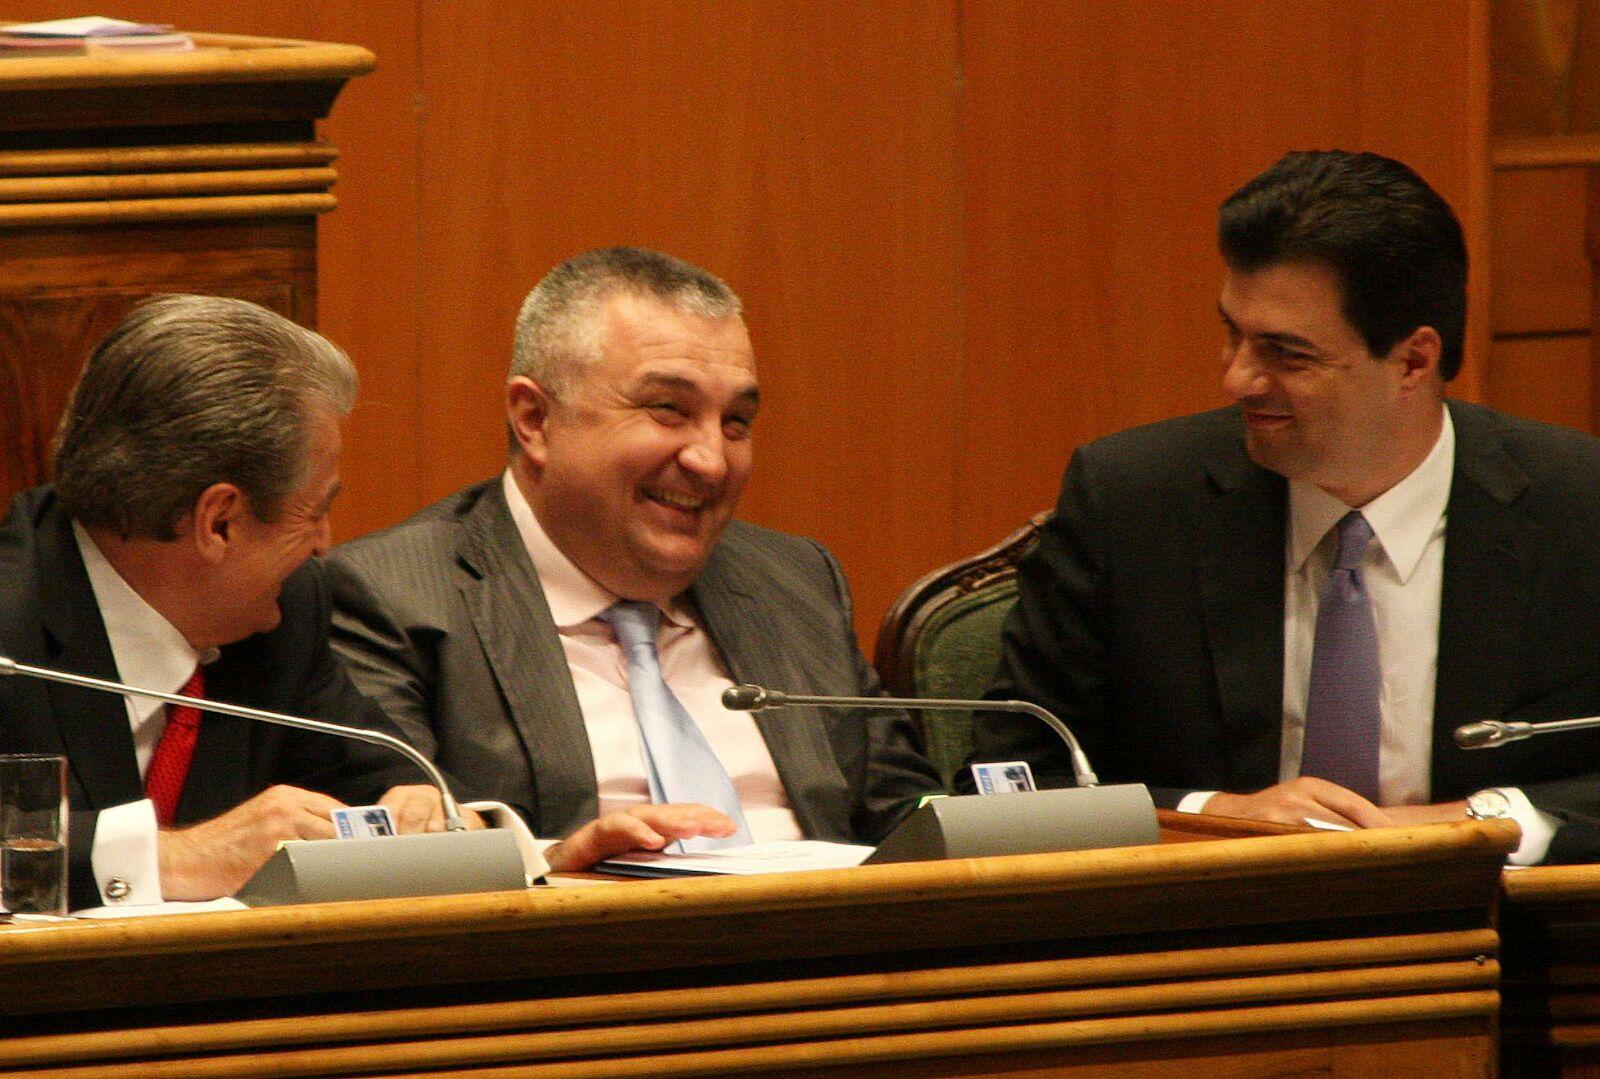 Meta merr në mbrojtje Greqinë: Ajo bën namin për shqiptarët, përgjegjësi ka Rama si ministër i Jashtëm